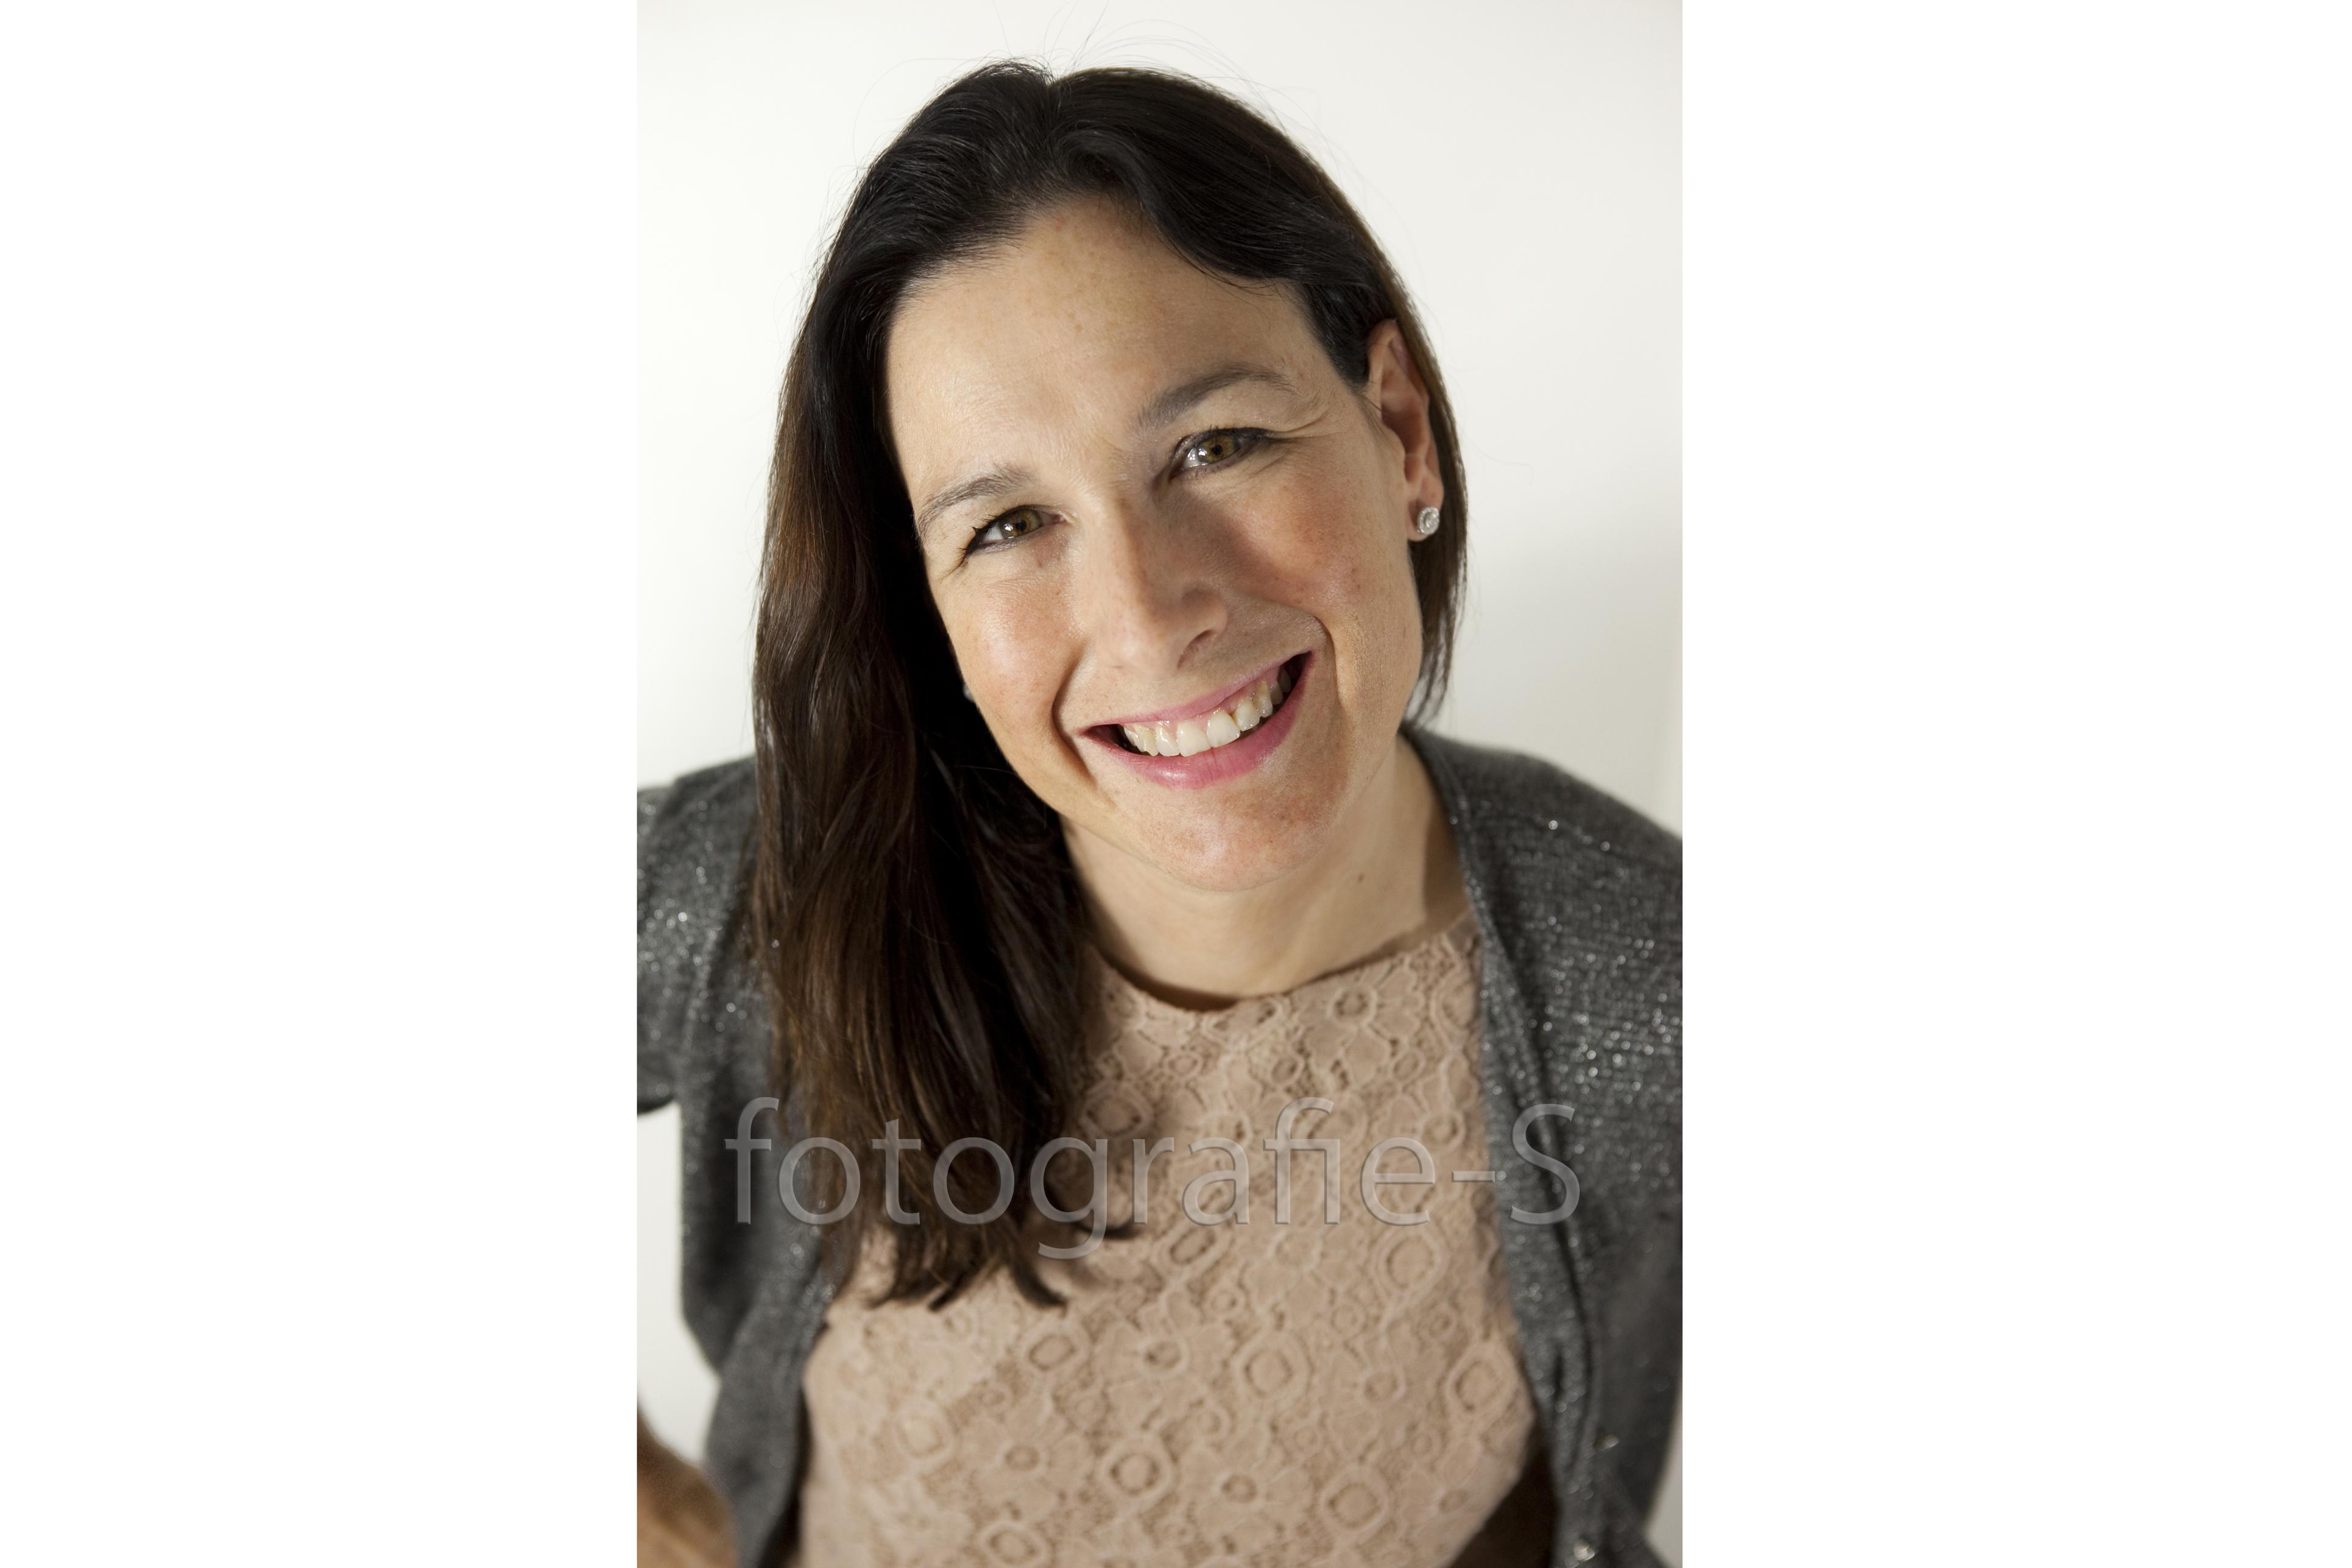 Portretfotografie Christina